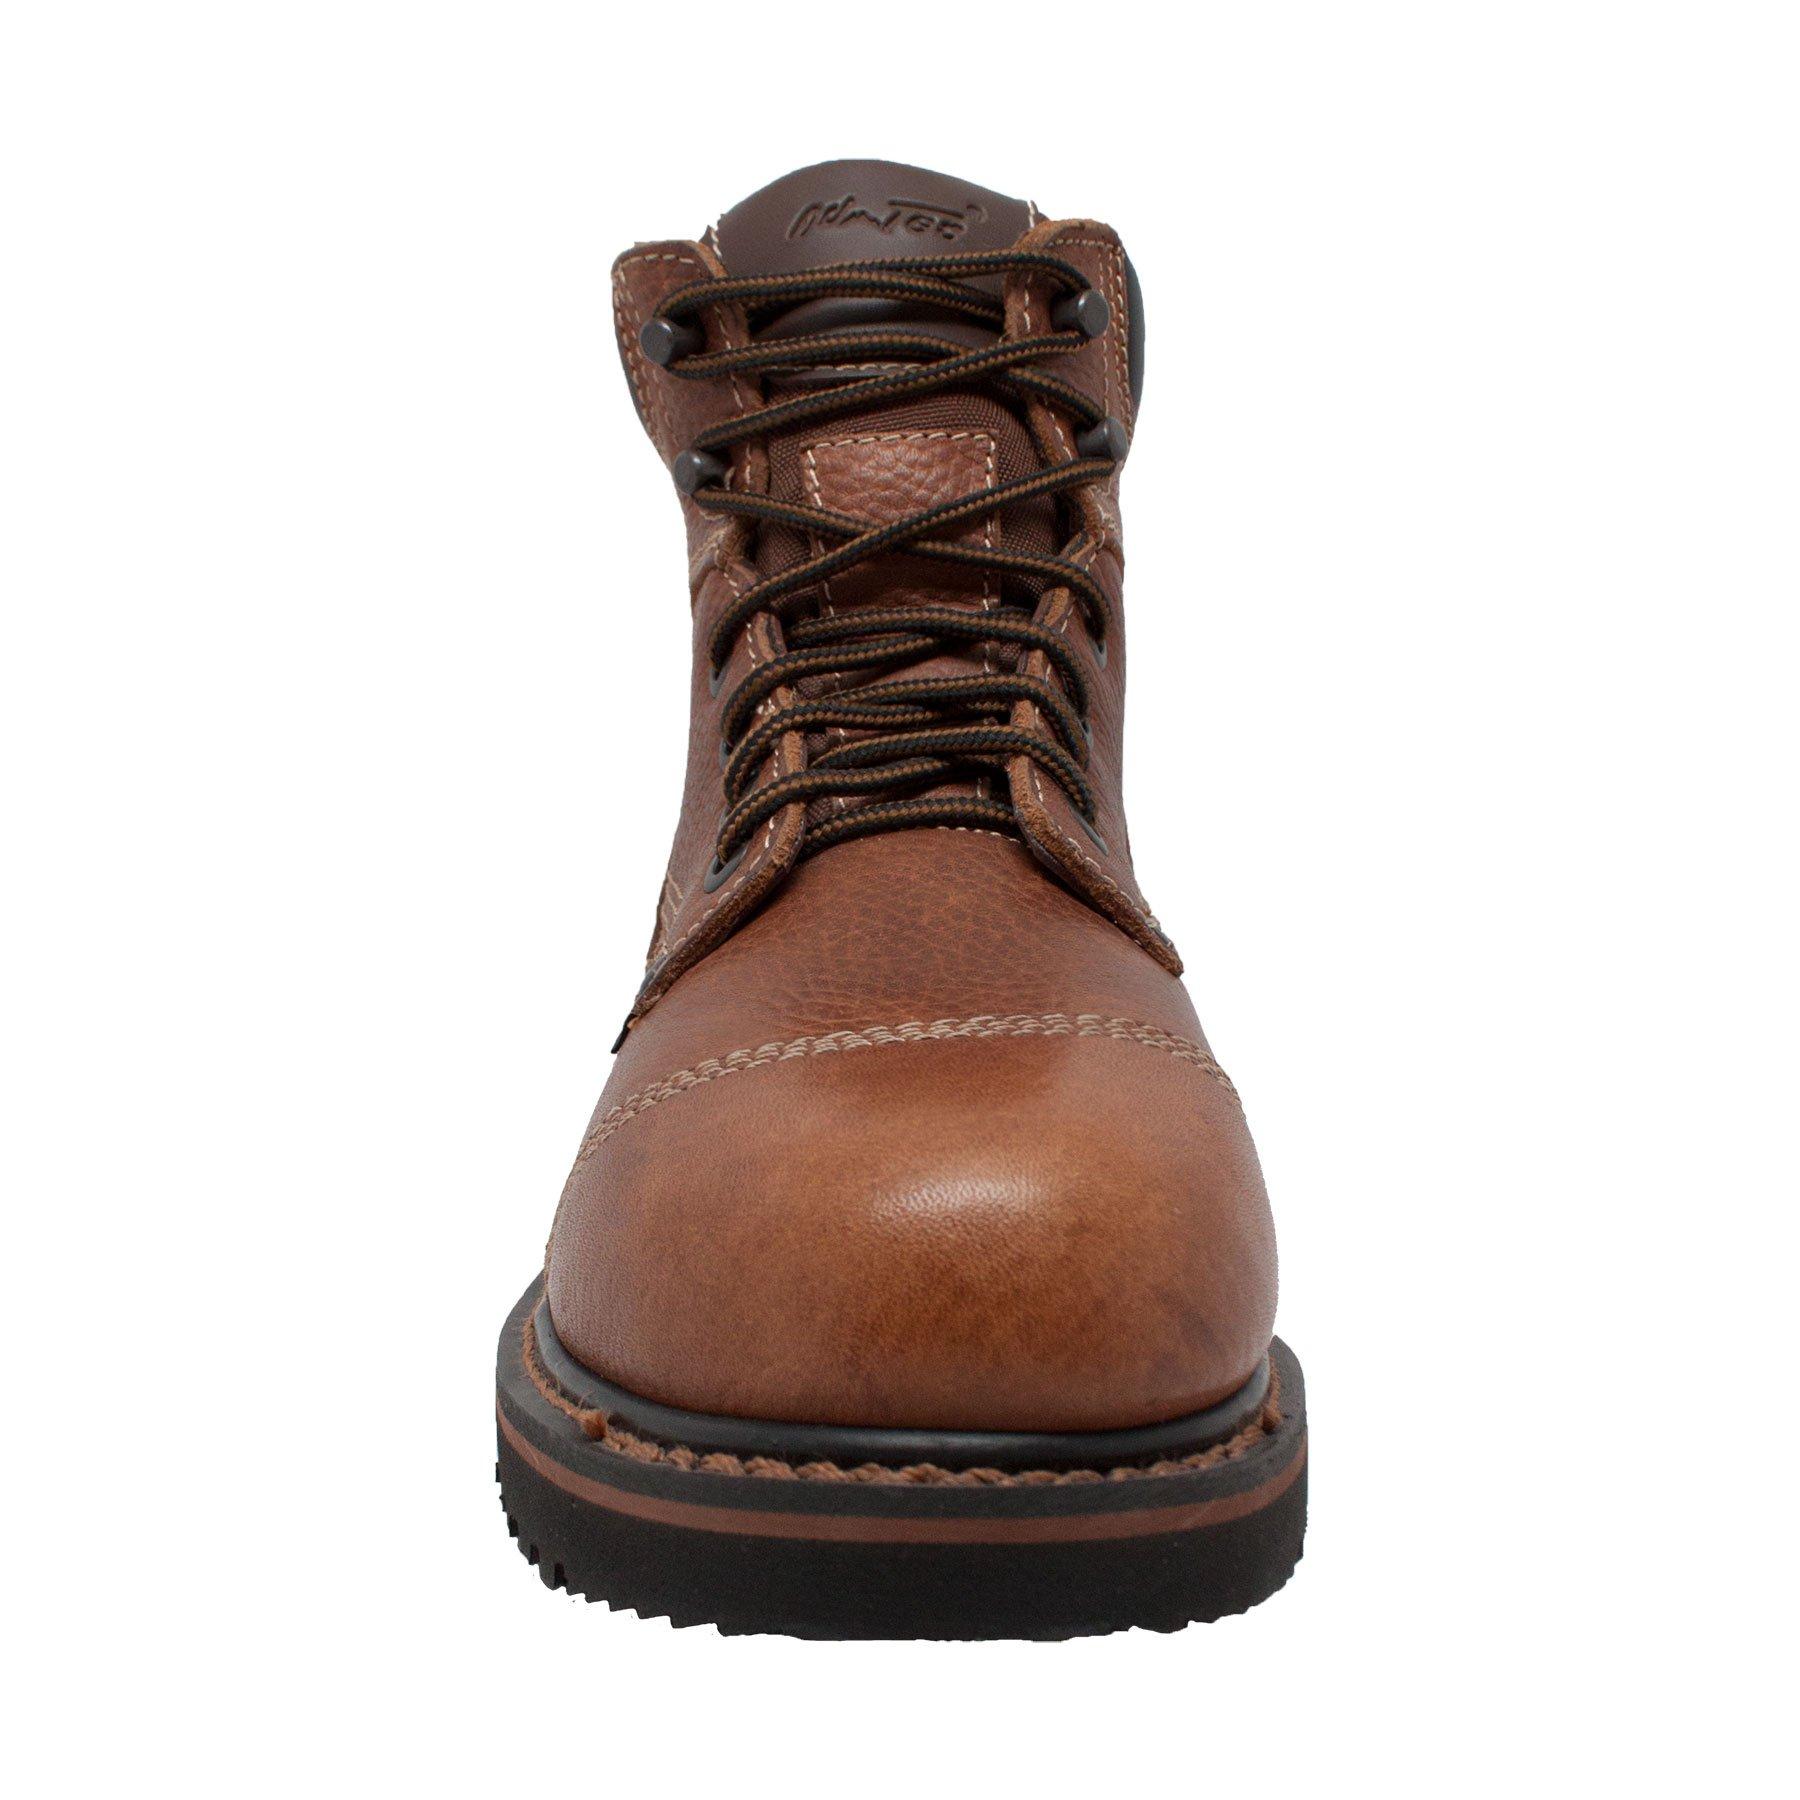 Adtec Men's 6 inch Comfort Work Boot, Light Brown, 8.5 W US by Adtec (Image #2)